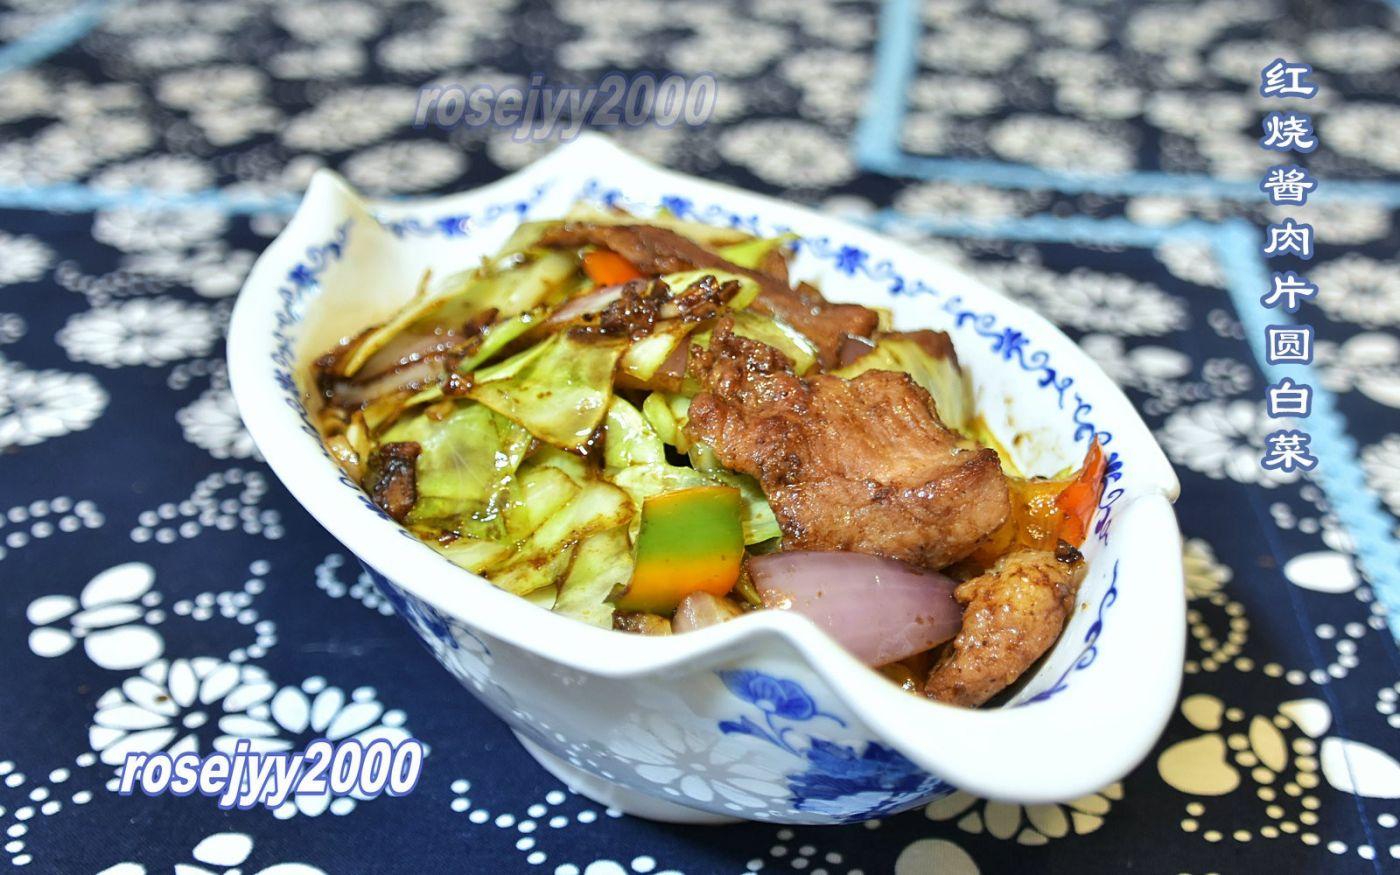 红烧酱烩肉片圆白菜_图1-1